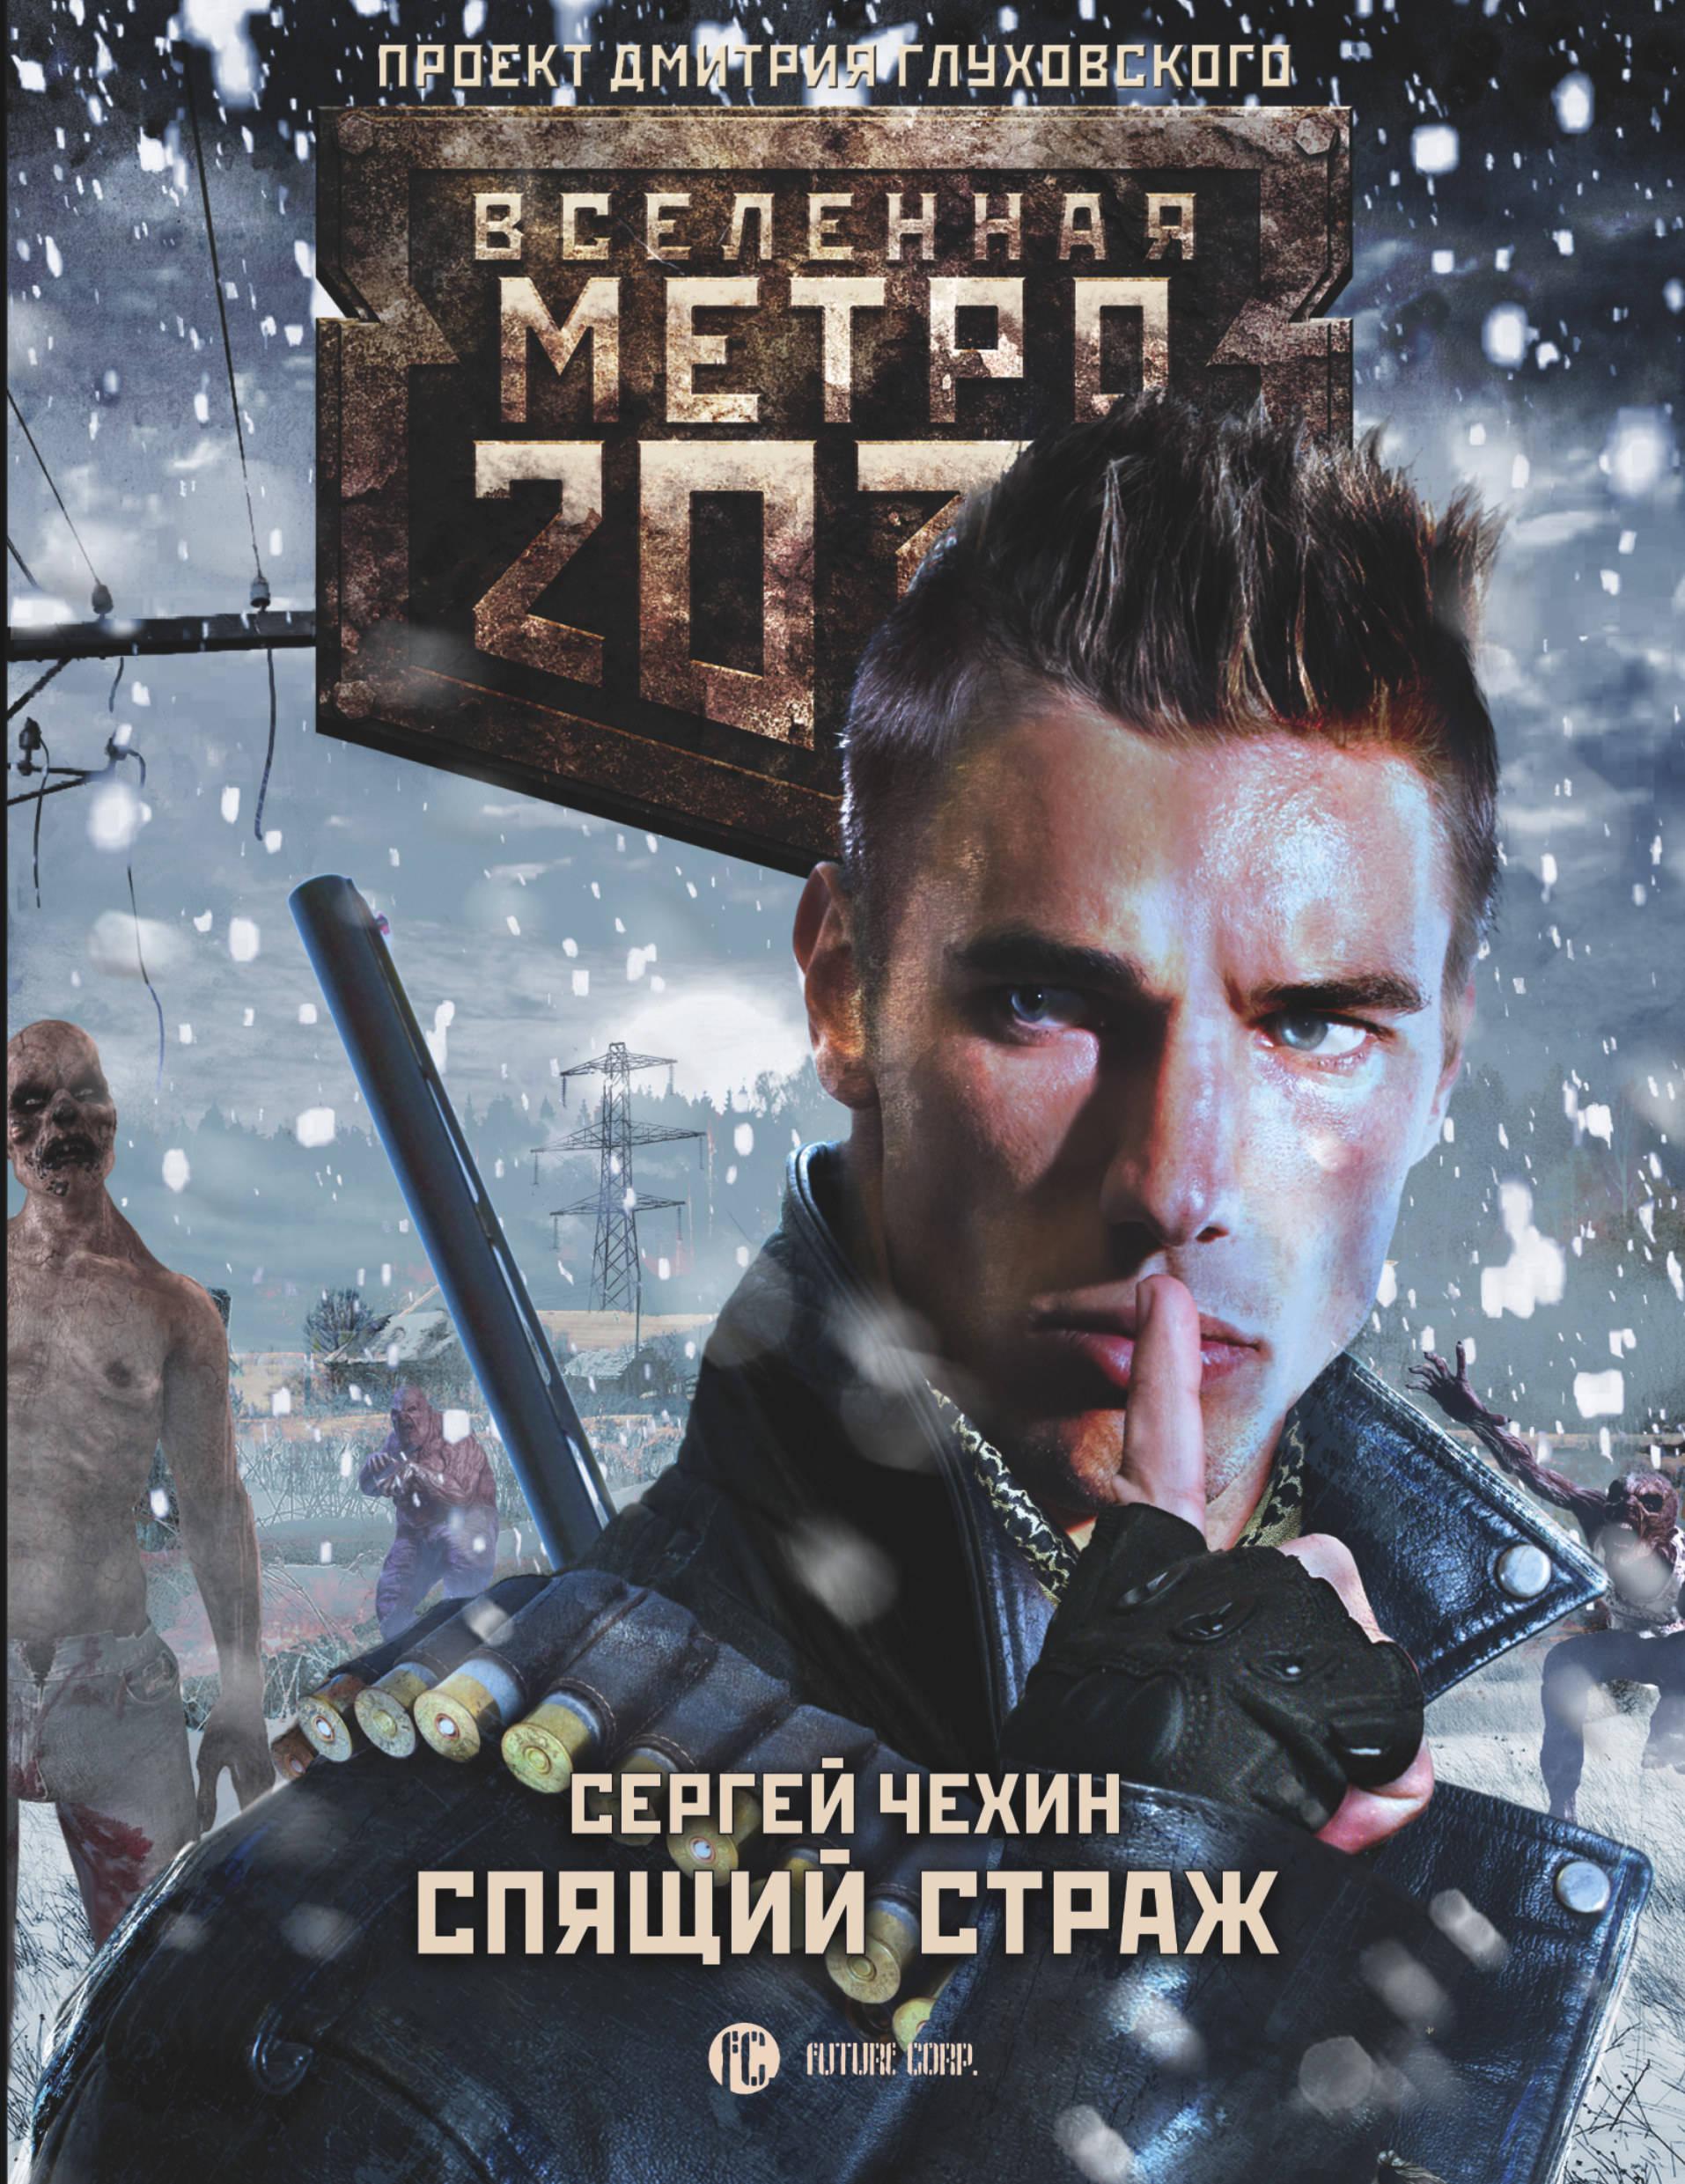 Сергей Чехин Метро 2033. Спящий страж ISBN: 978-5-17-109045-6